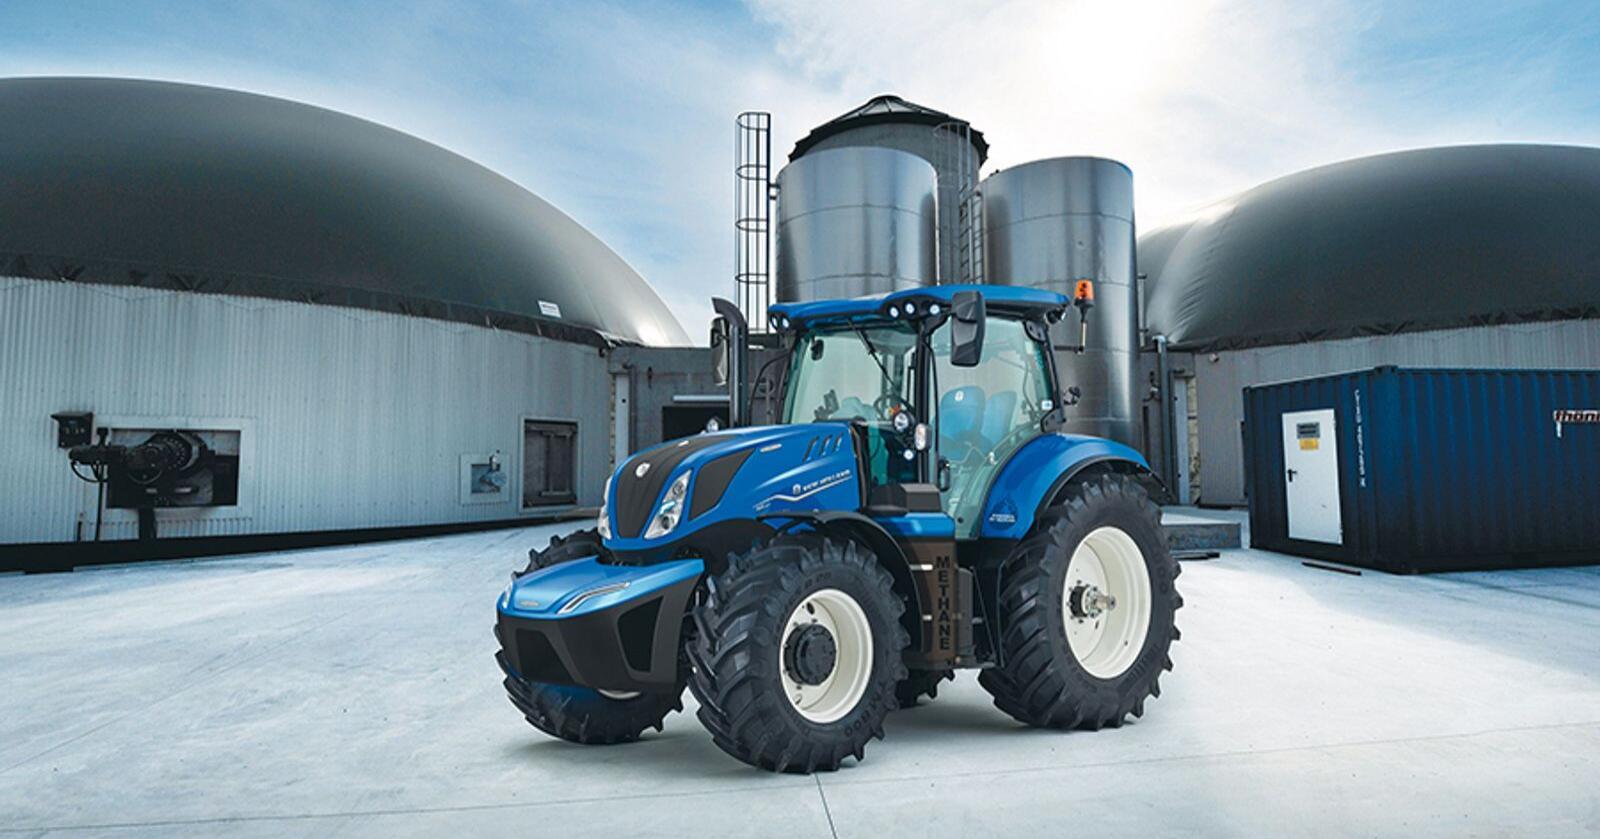 Produksjonen av den nye New Holland T6 180 traktoren med gassdrevet motor utsettes